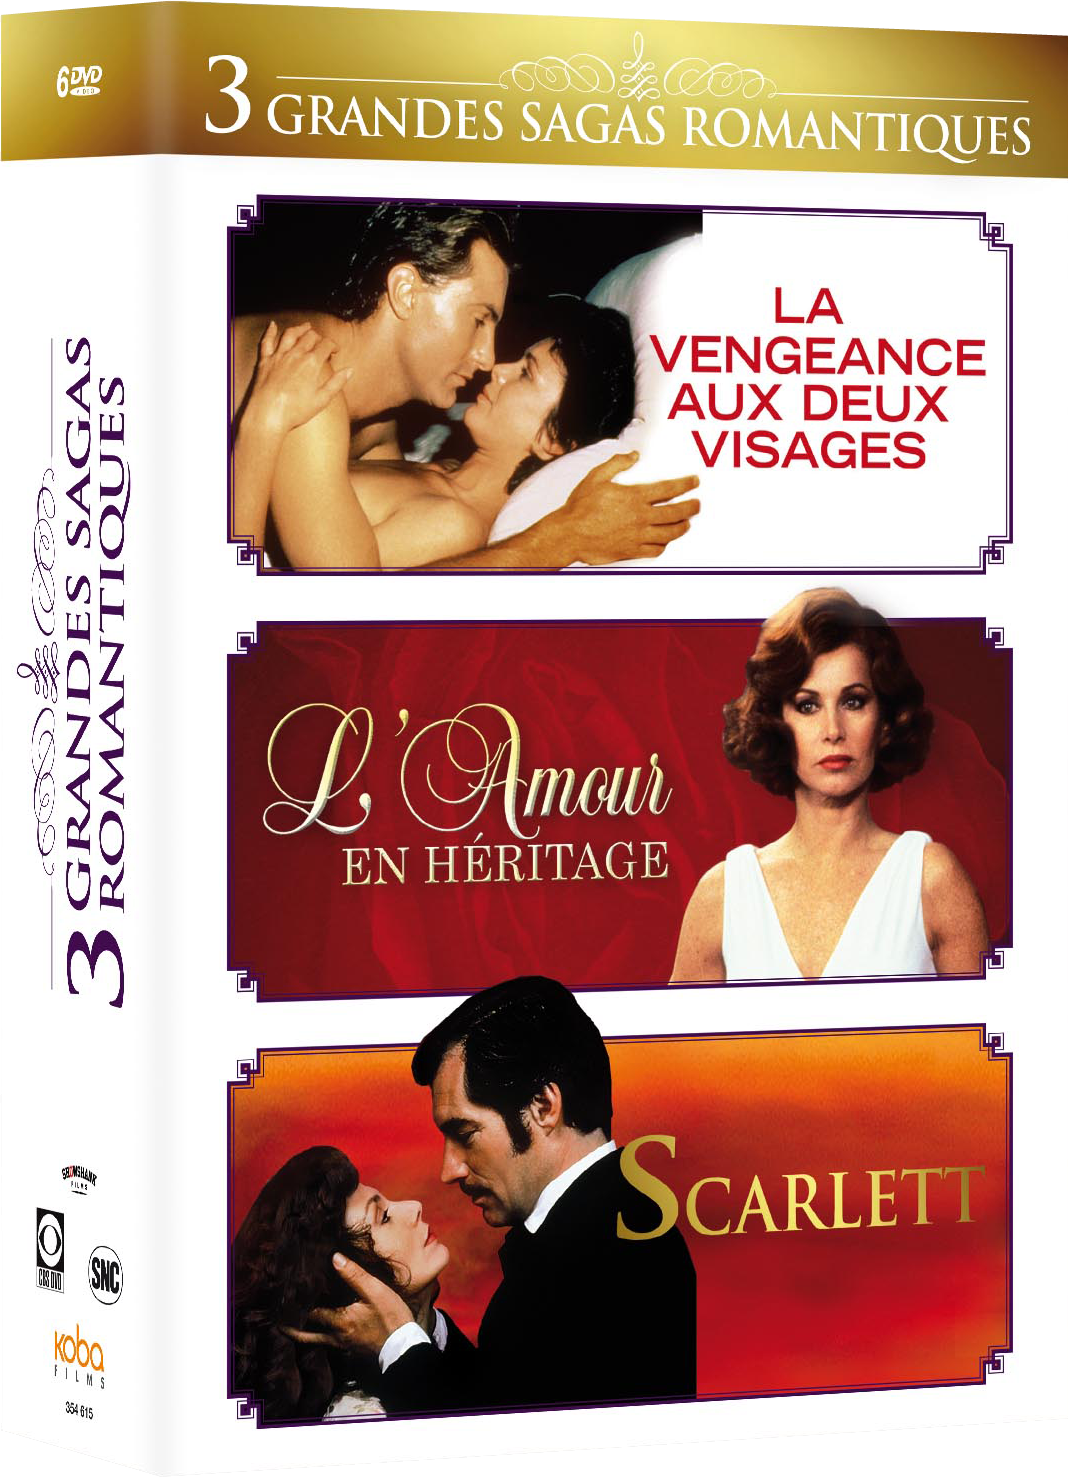 3 GRANDES SAGAS ROMANTIQUES (6 DVD)